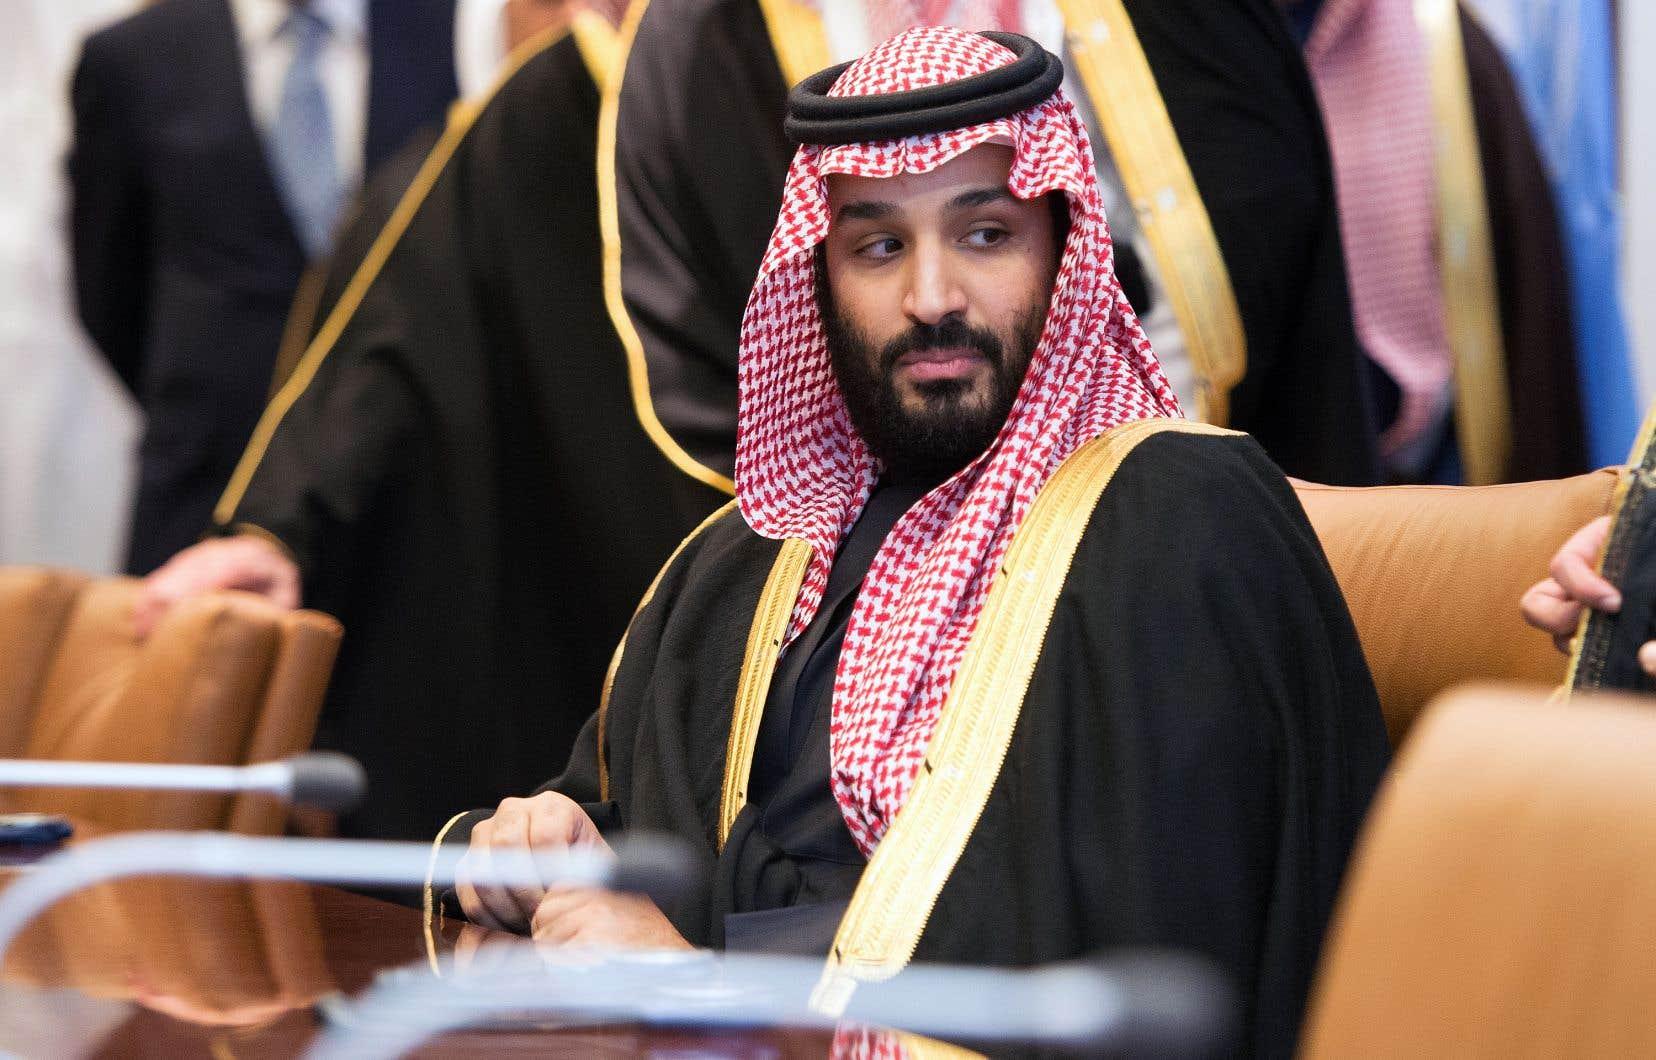 Le message sur Twitter du Canada semble avoir servi de prétexte au jeune prince héritier de 32ans Mohammed ben Salmane pour envoyer à sa propre population un message de force destiné aux opposants.